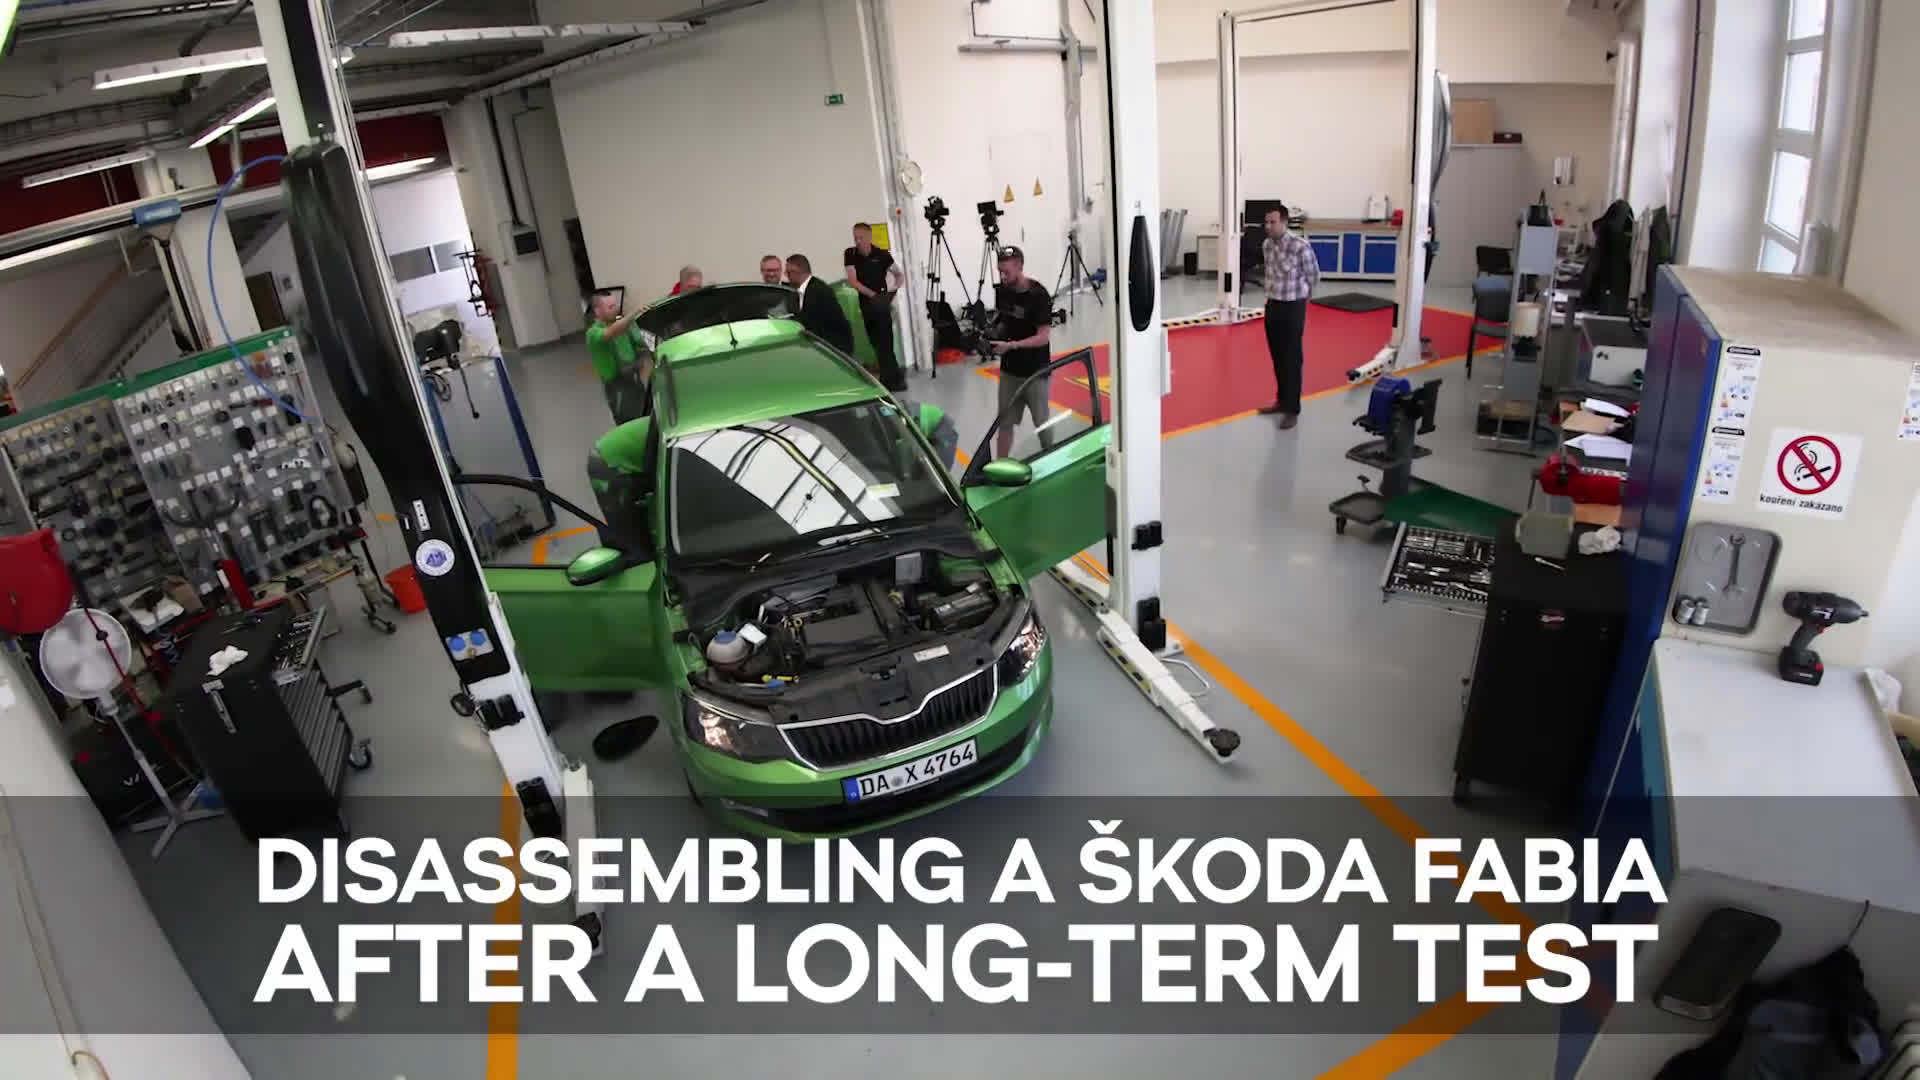 这台绿色的斯柯达晶锐 FABIA COMBI 刚刚完成了为期两年的穿越欧...